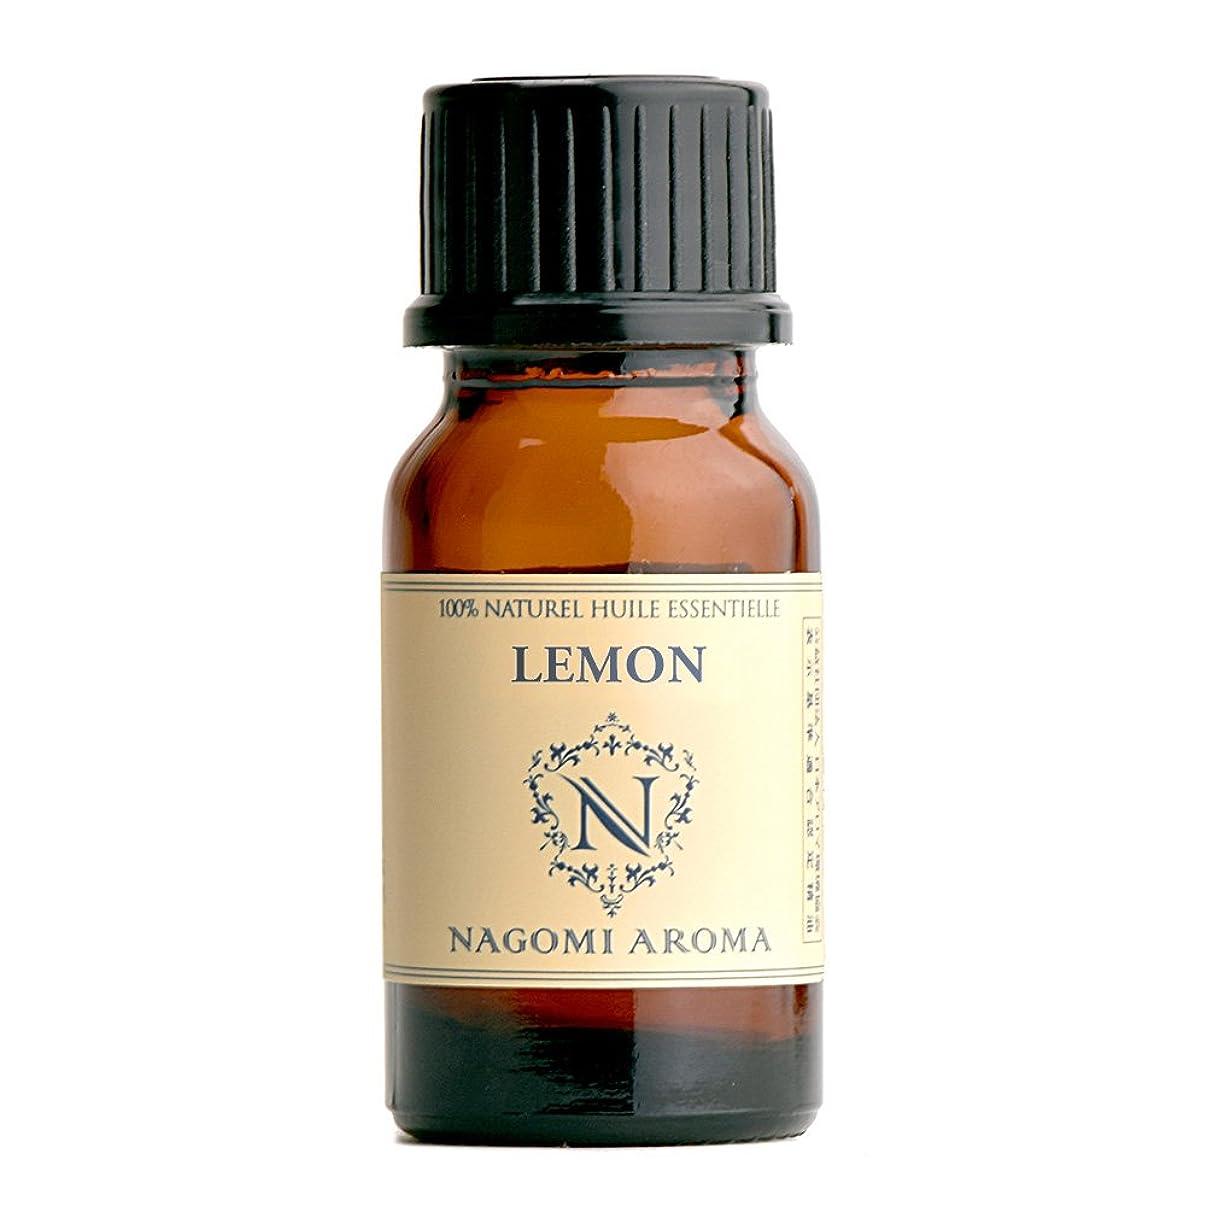 防止ストレスの多い例外NAGOMI AROMA レモン 10ml 【AEAJ認定精油】【アロマオイル】